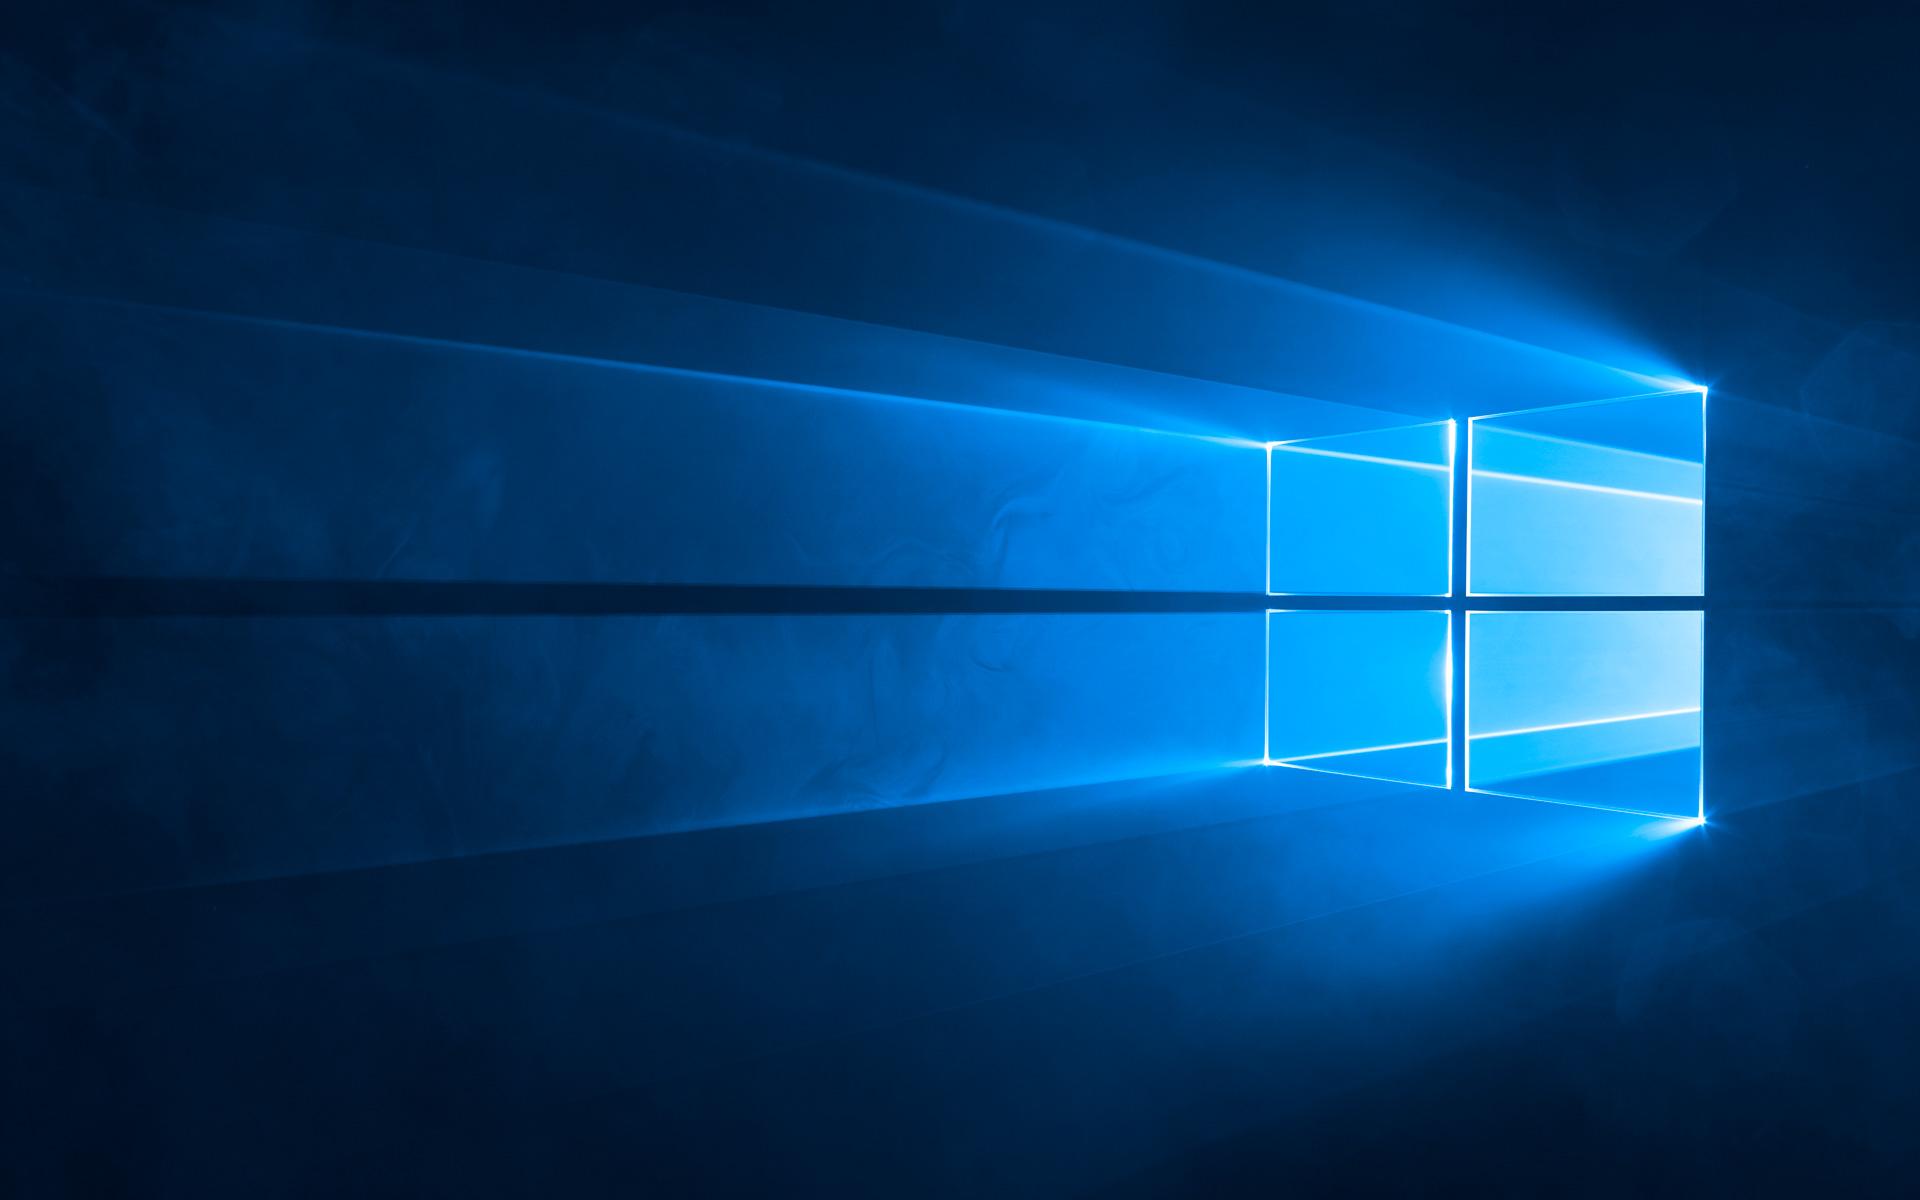 Windows 10 Hero Wallpaper fr den Desktop Download von Microsoft 1920x1200